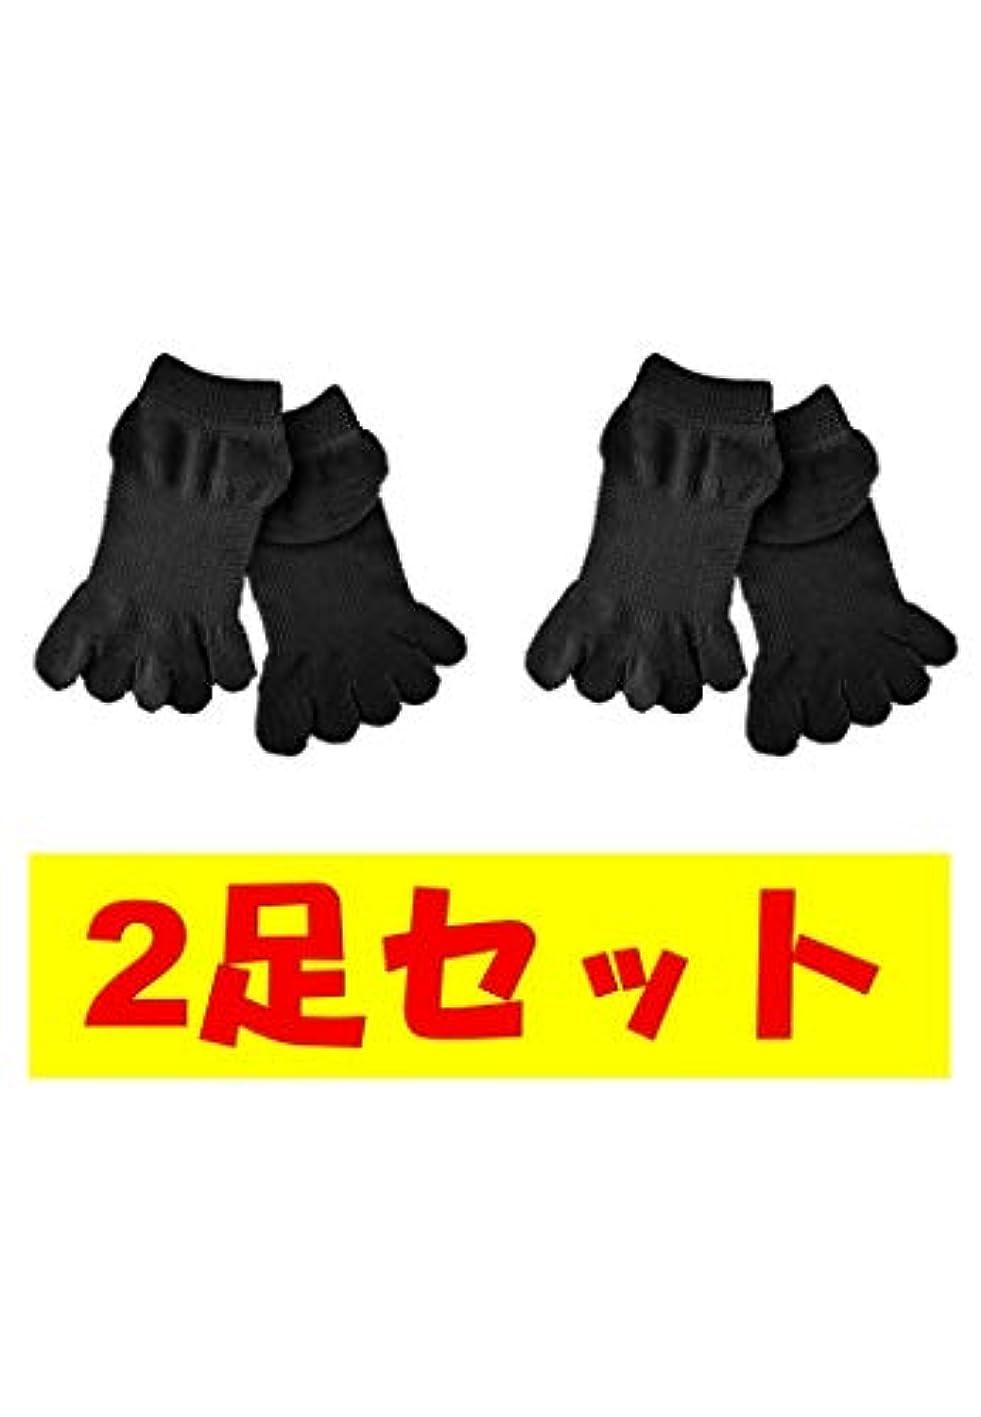 触手村マラウイお買い得2足セット 5本指 ゆびのばソックス ゆびのば アンクル ブラック iサイズ 23.5cm-25.5cm YSANKL-BLK